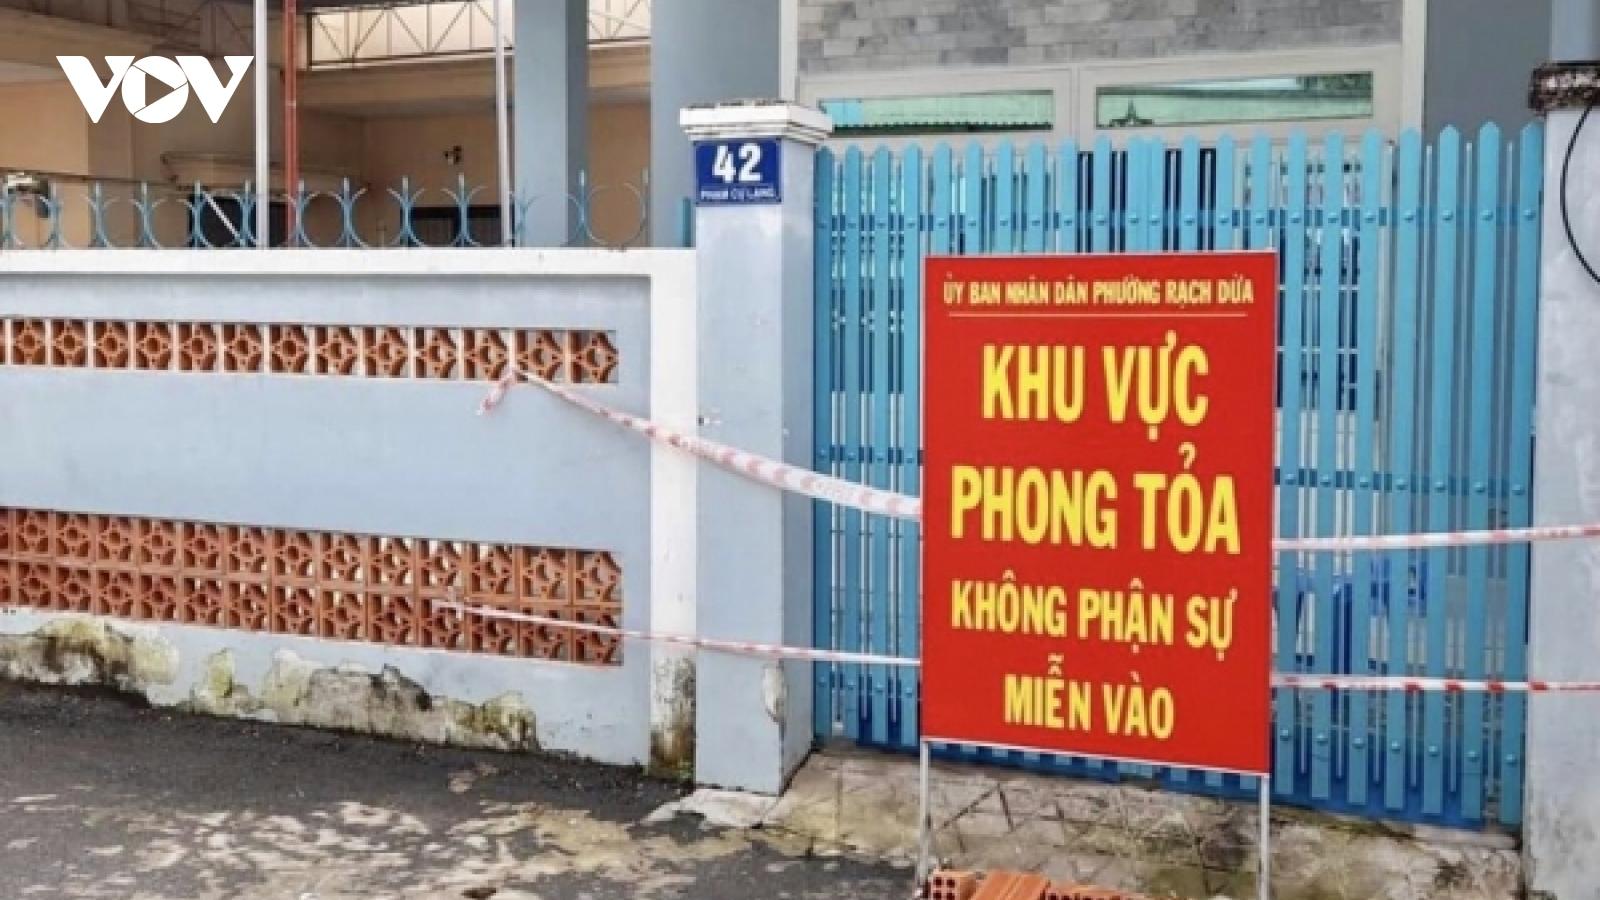 Bà Rịa-Vũng Tàu: Một người từ vùng dịch về không khai báo làm lây lan dịch bệnh